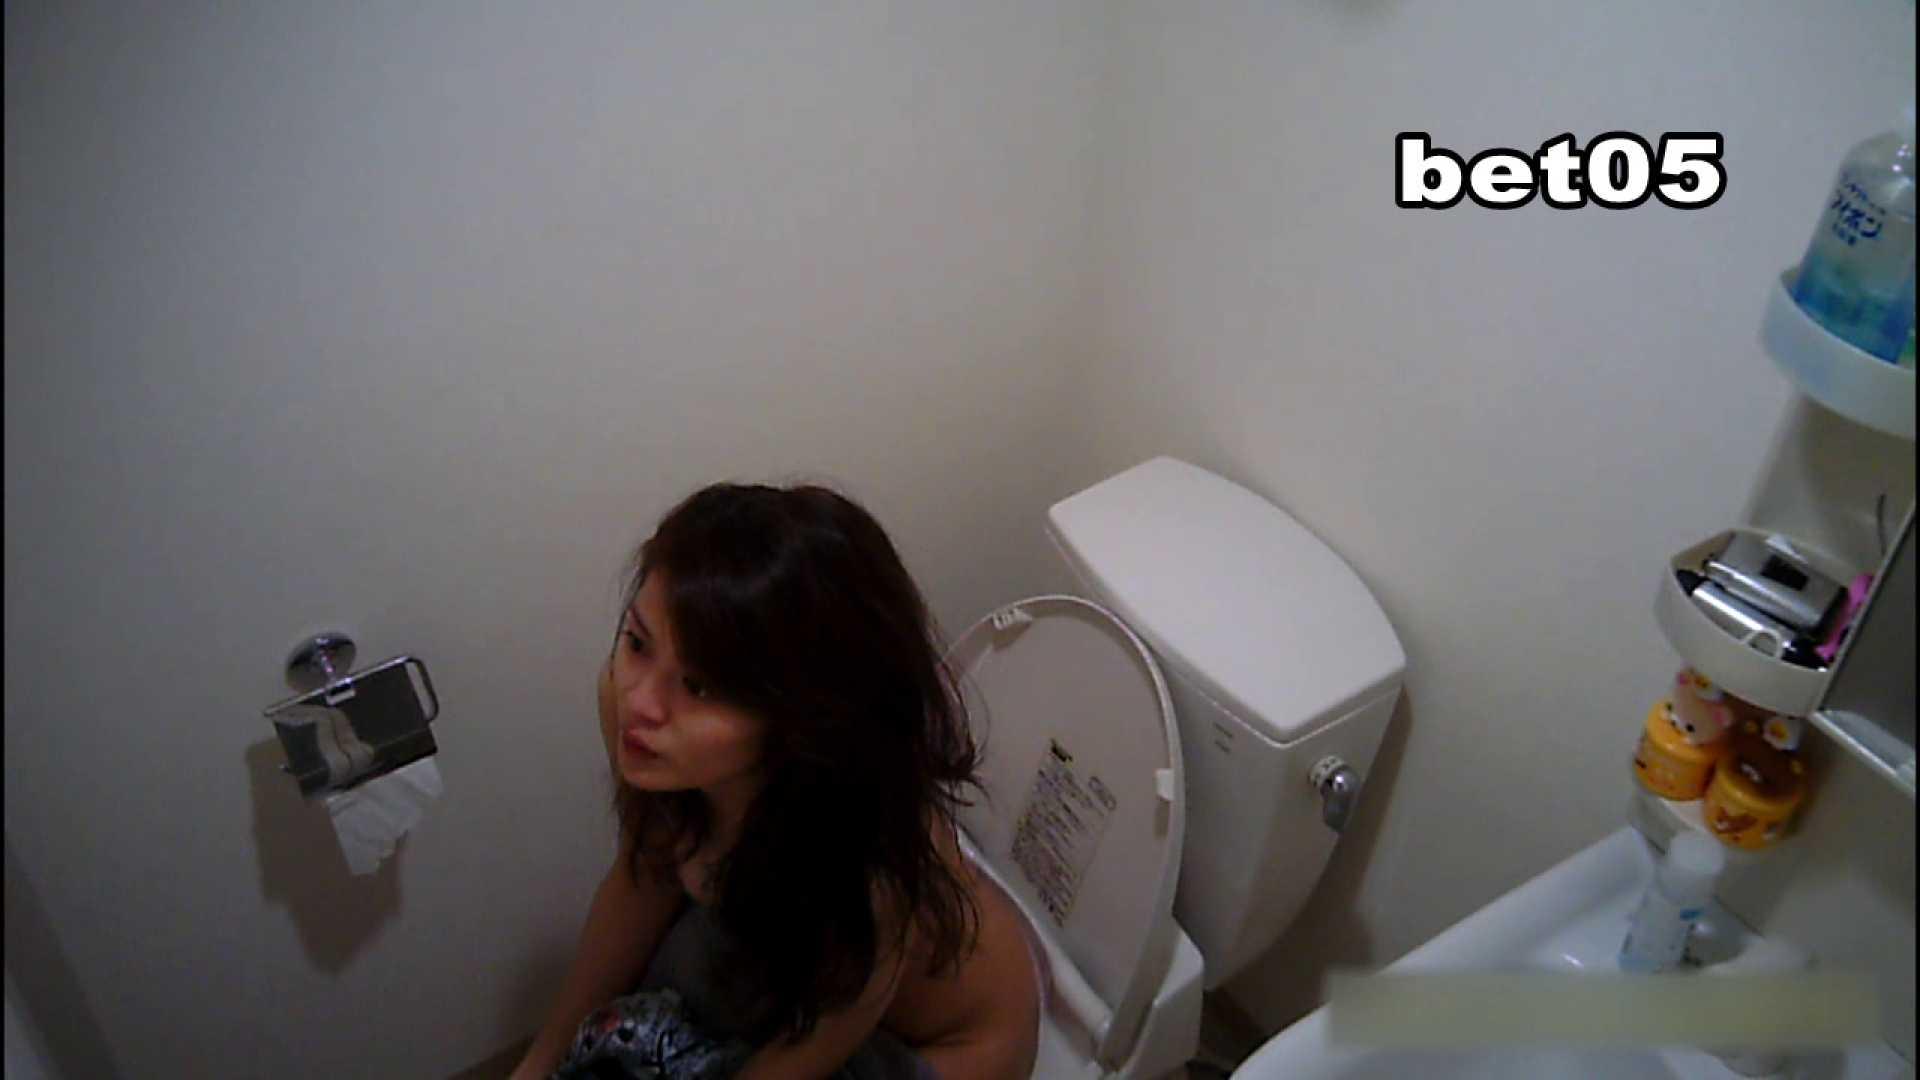 ミキ・大手旅行代理店勤務(24歳・仮名) vol.05 オマケで全裸洗面所も公開 リベンジ  100PIX 15